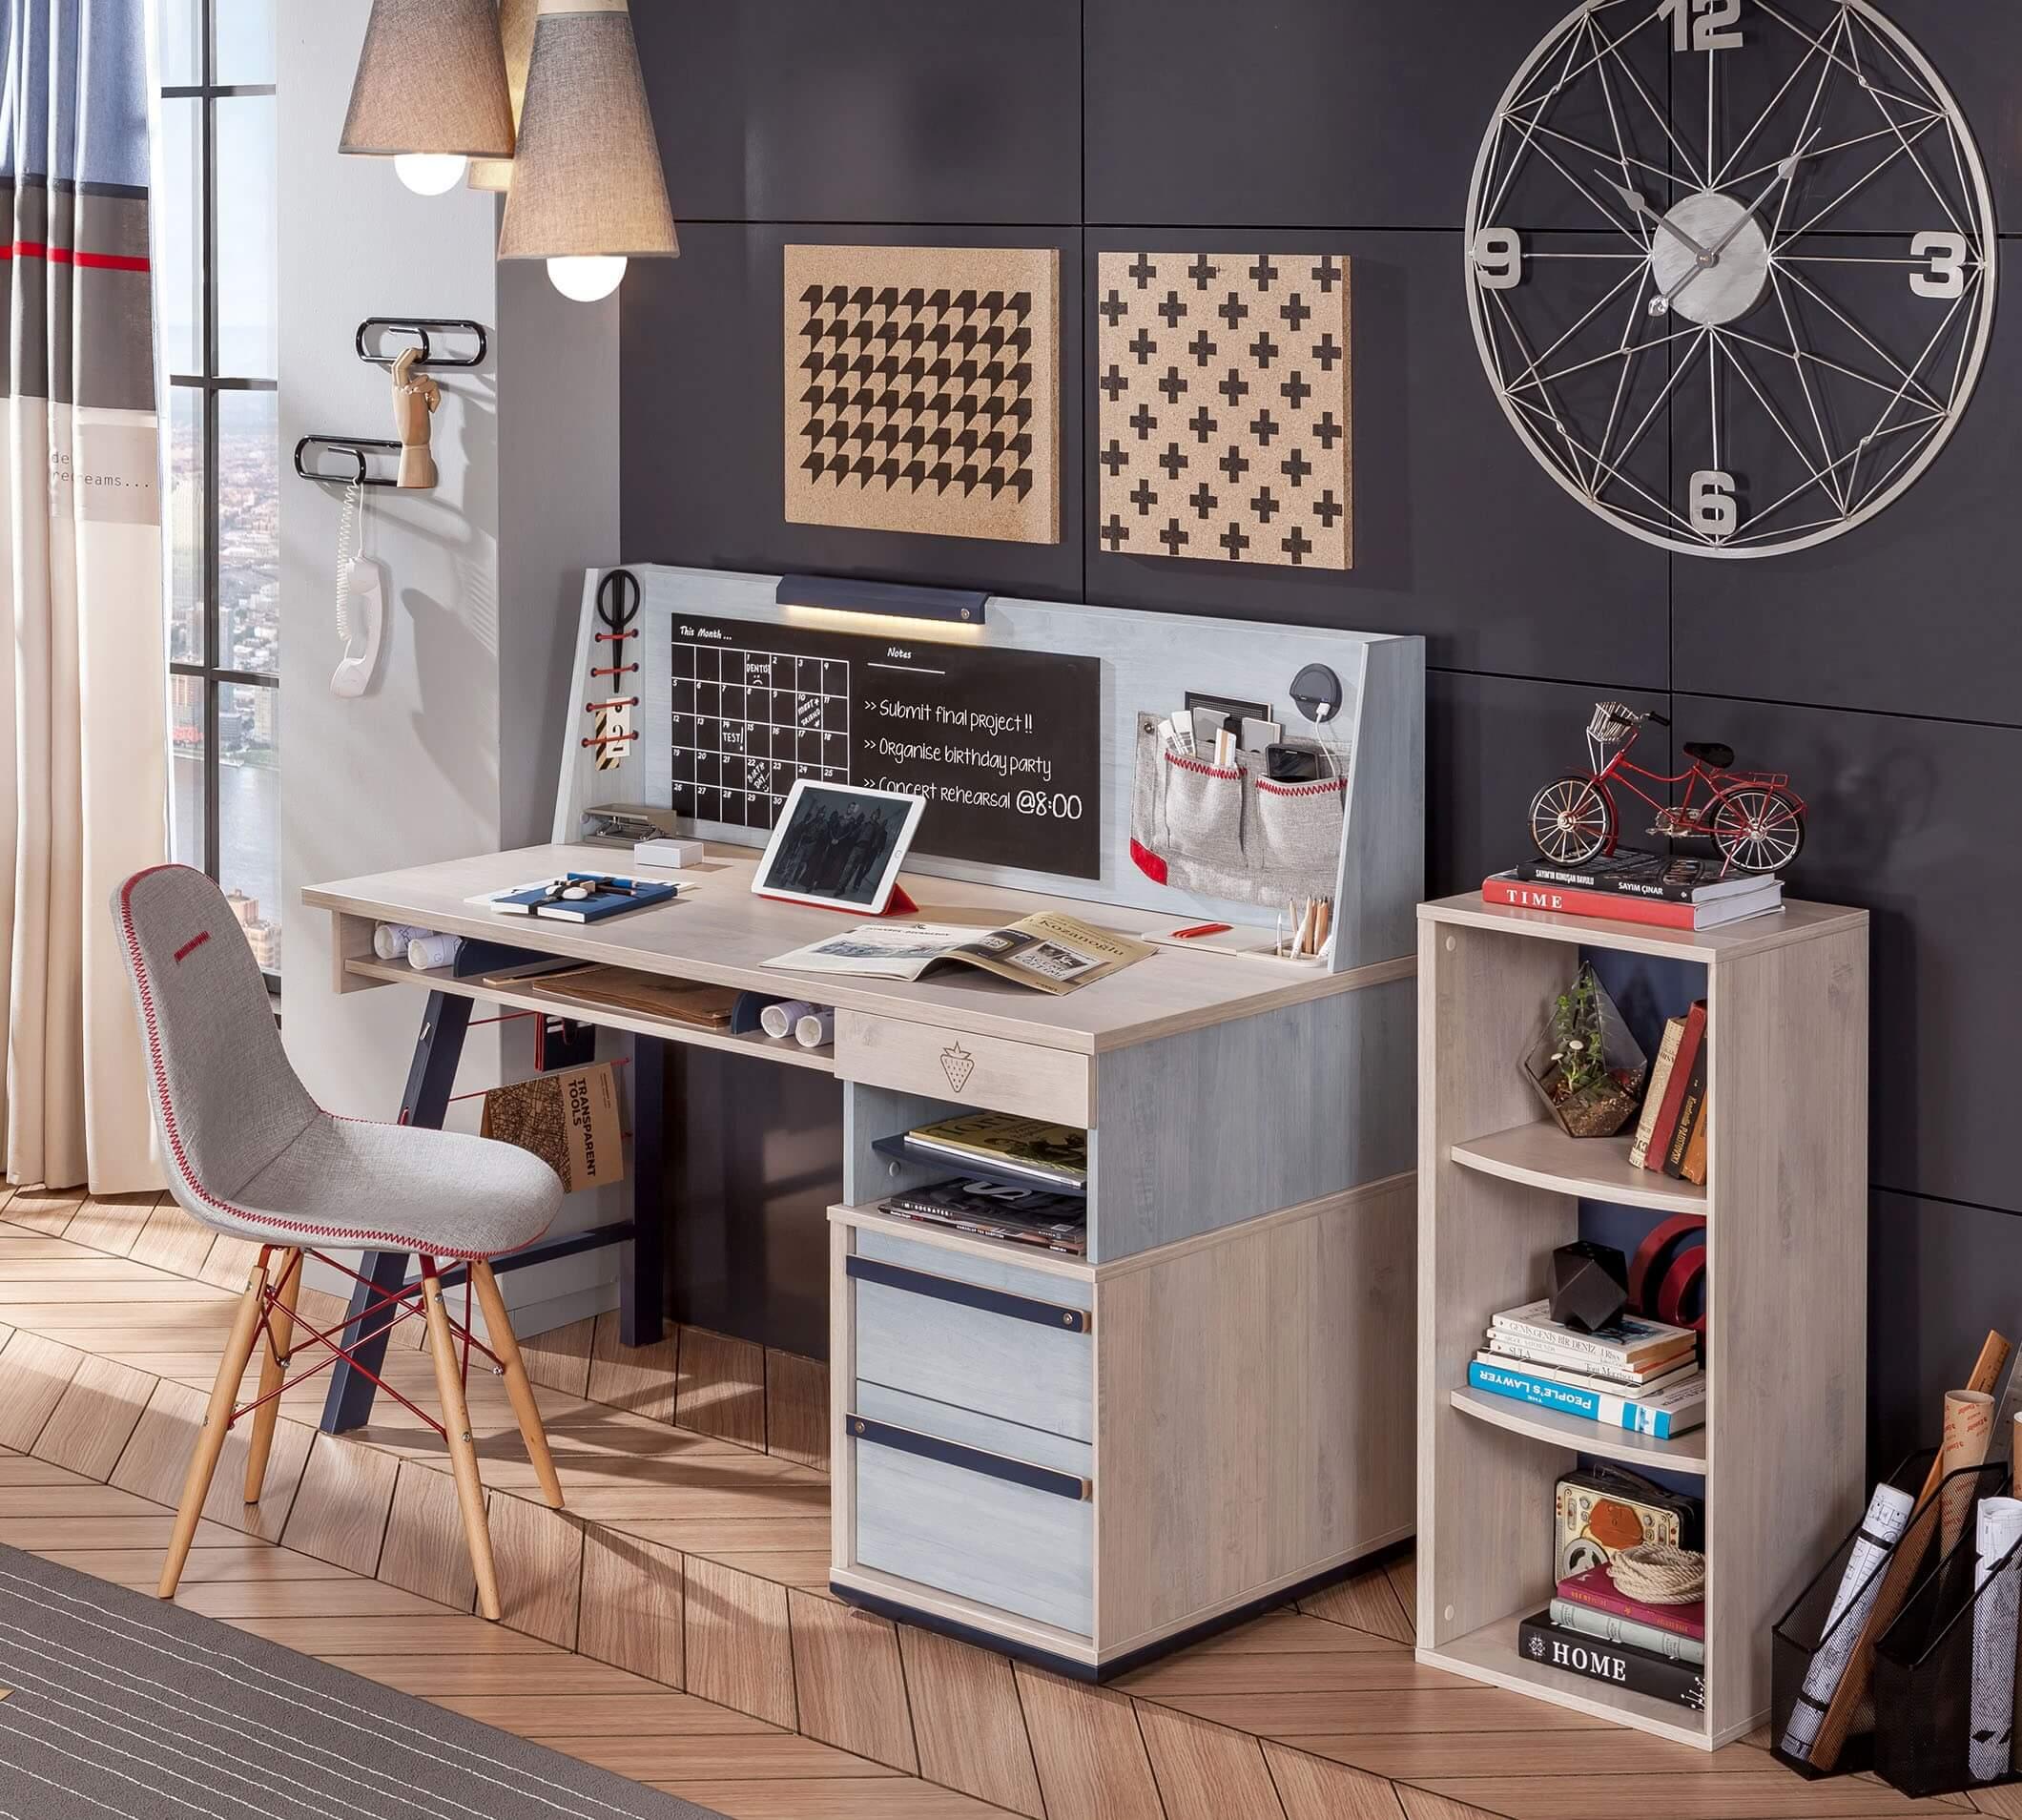 kompyuternyj-stol-v-spalnyu (12)